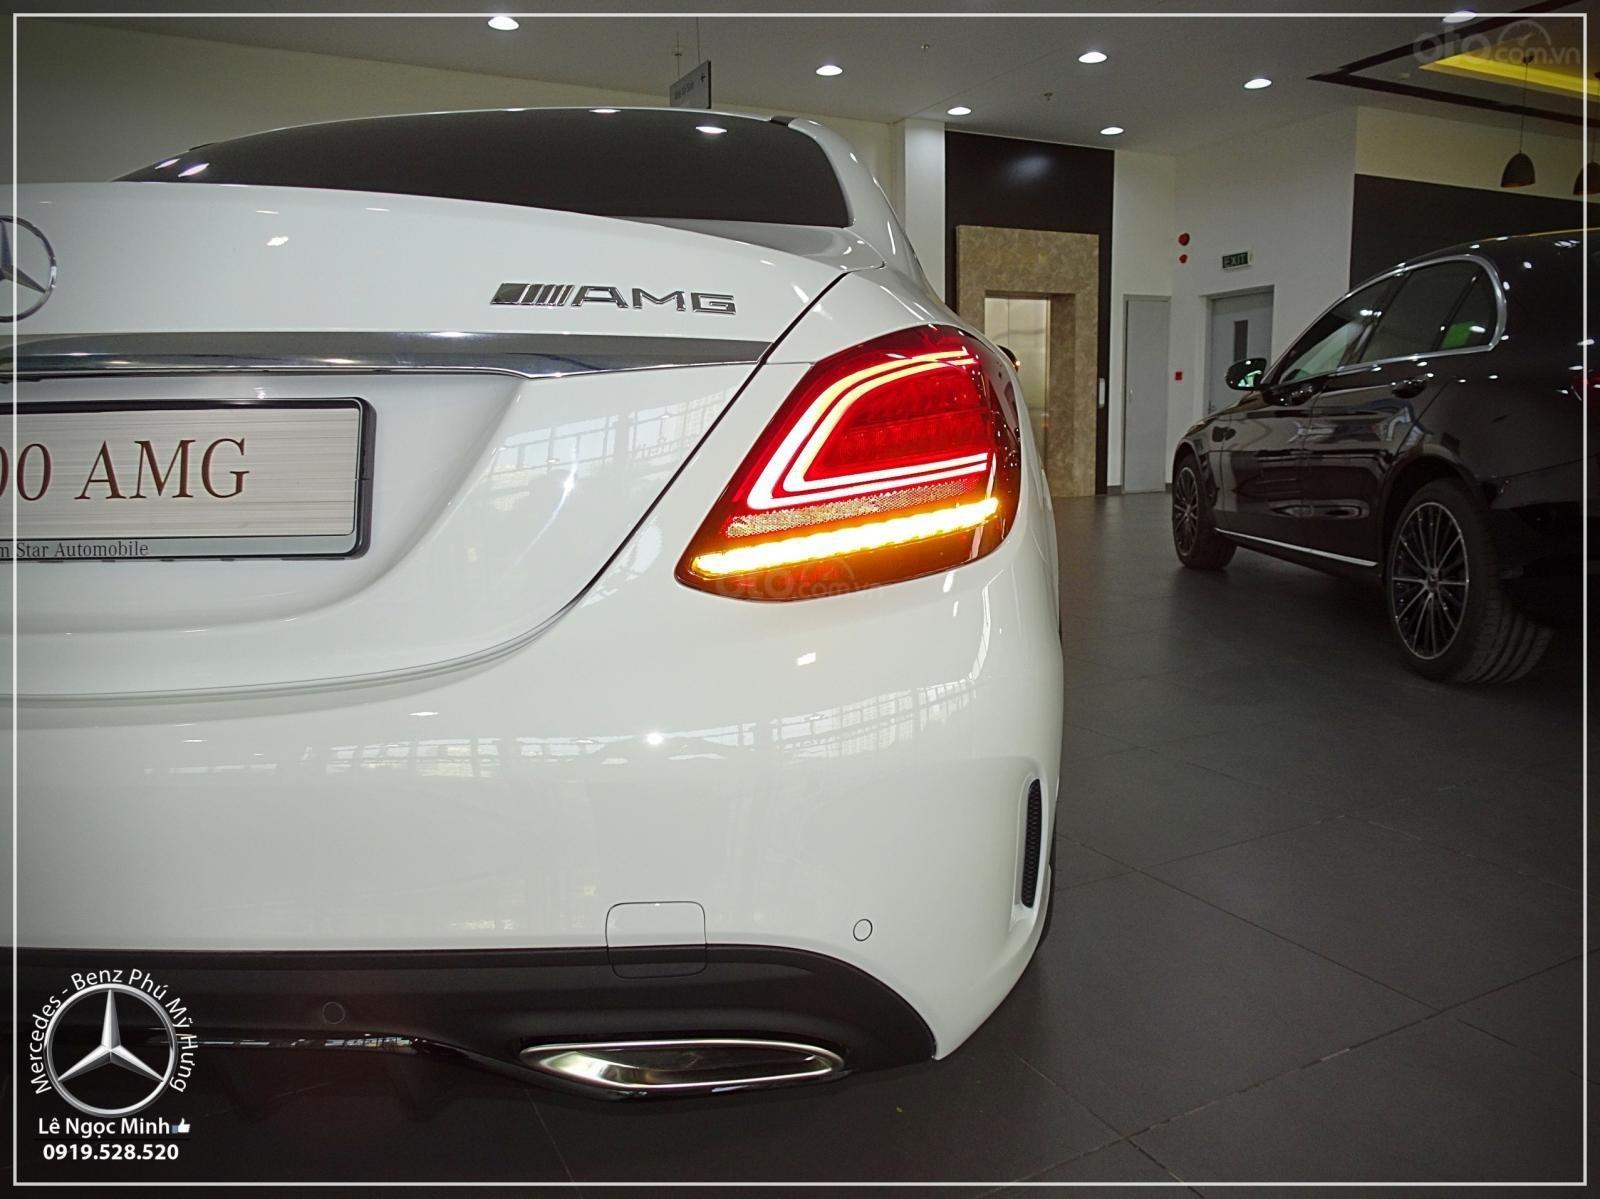 Mercedes-Benz C300 AMG model 2019 - Hỗ trợ Bank 80% - KM đặc biệt - Xe đủ màu giao ngay - LH: 0919 528 520-2